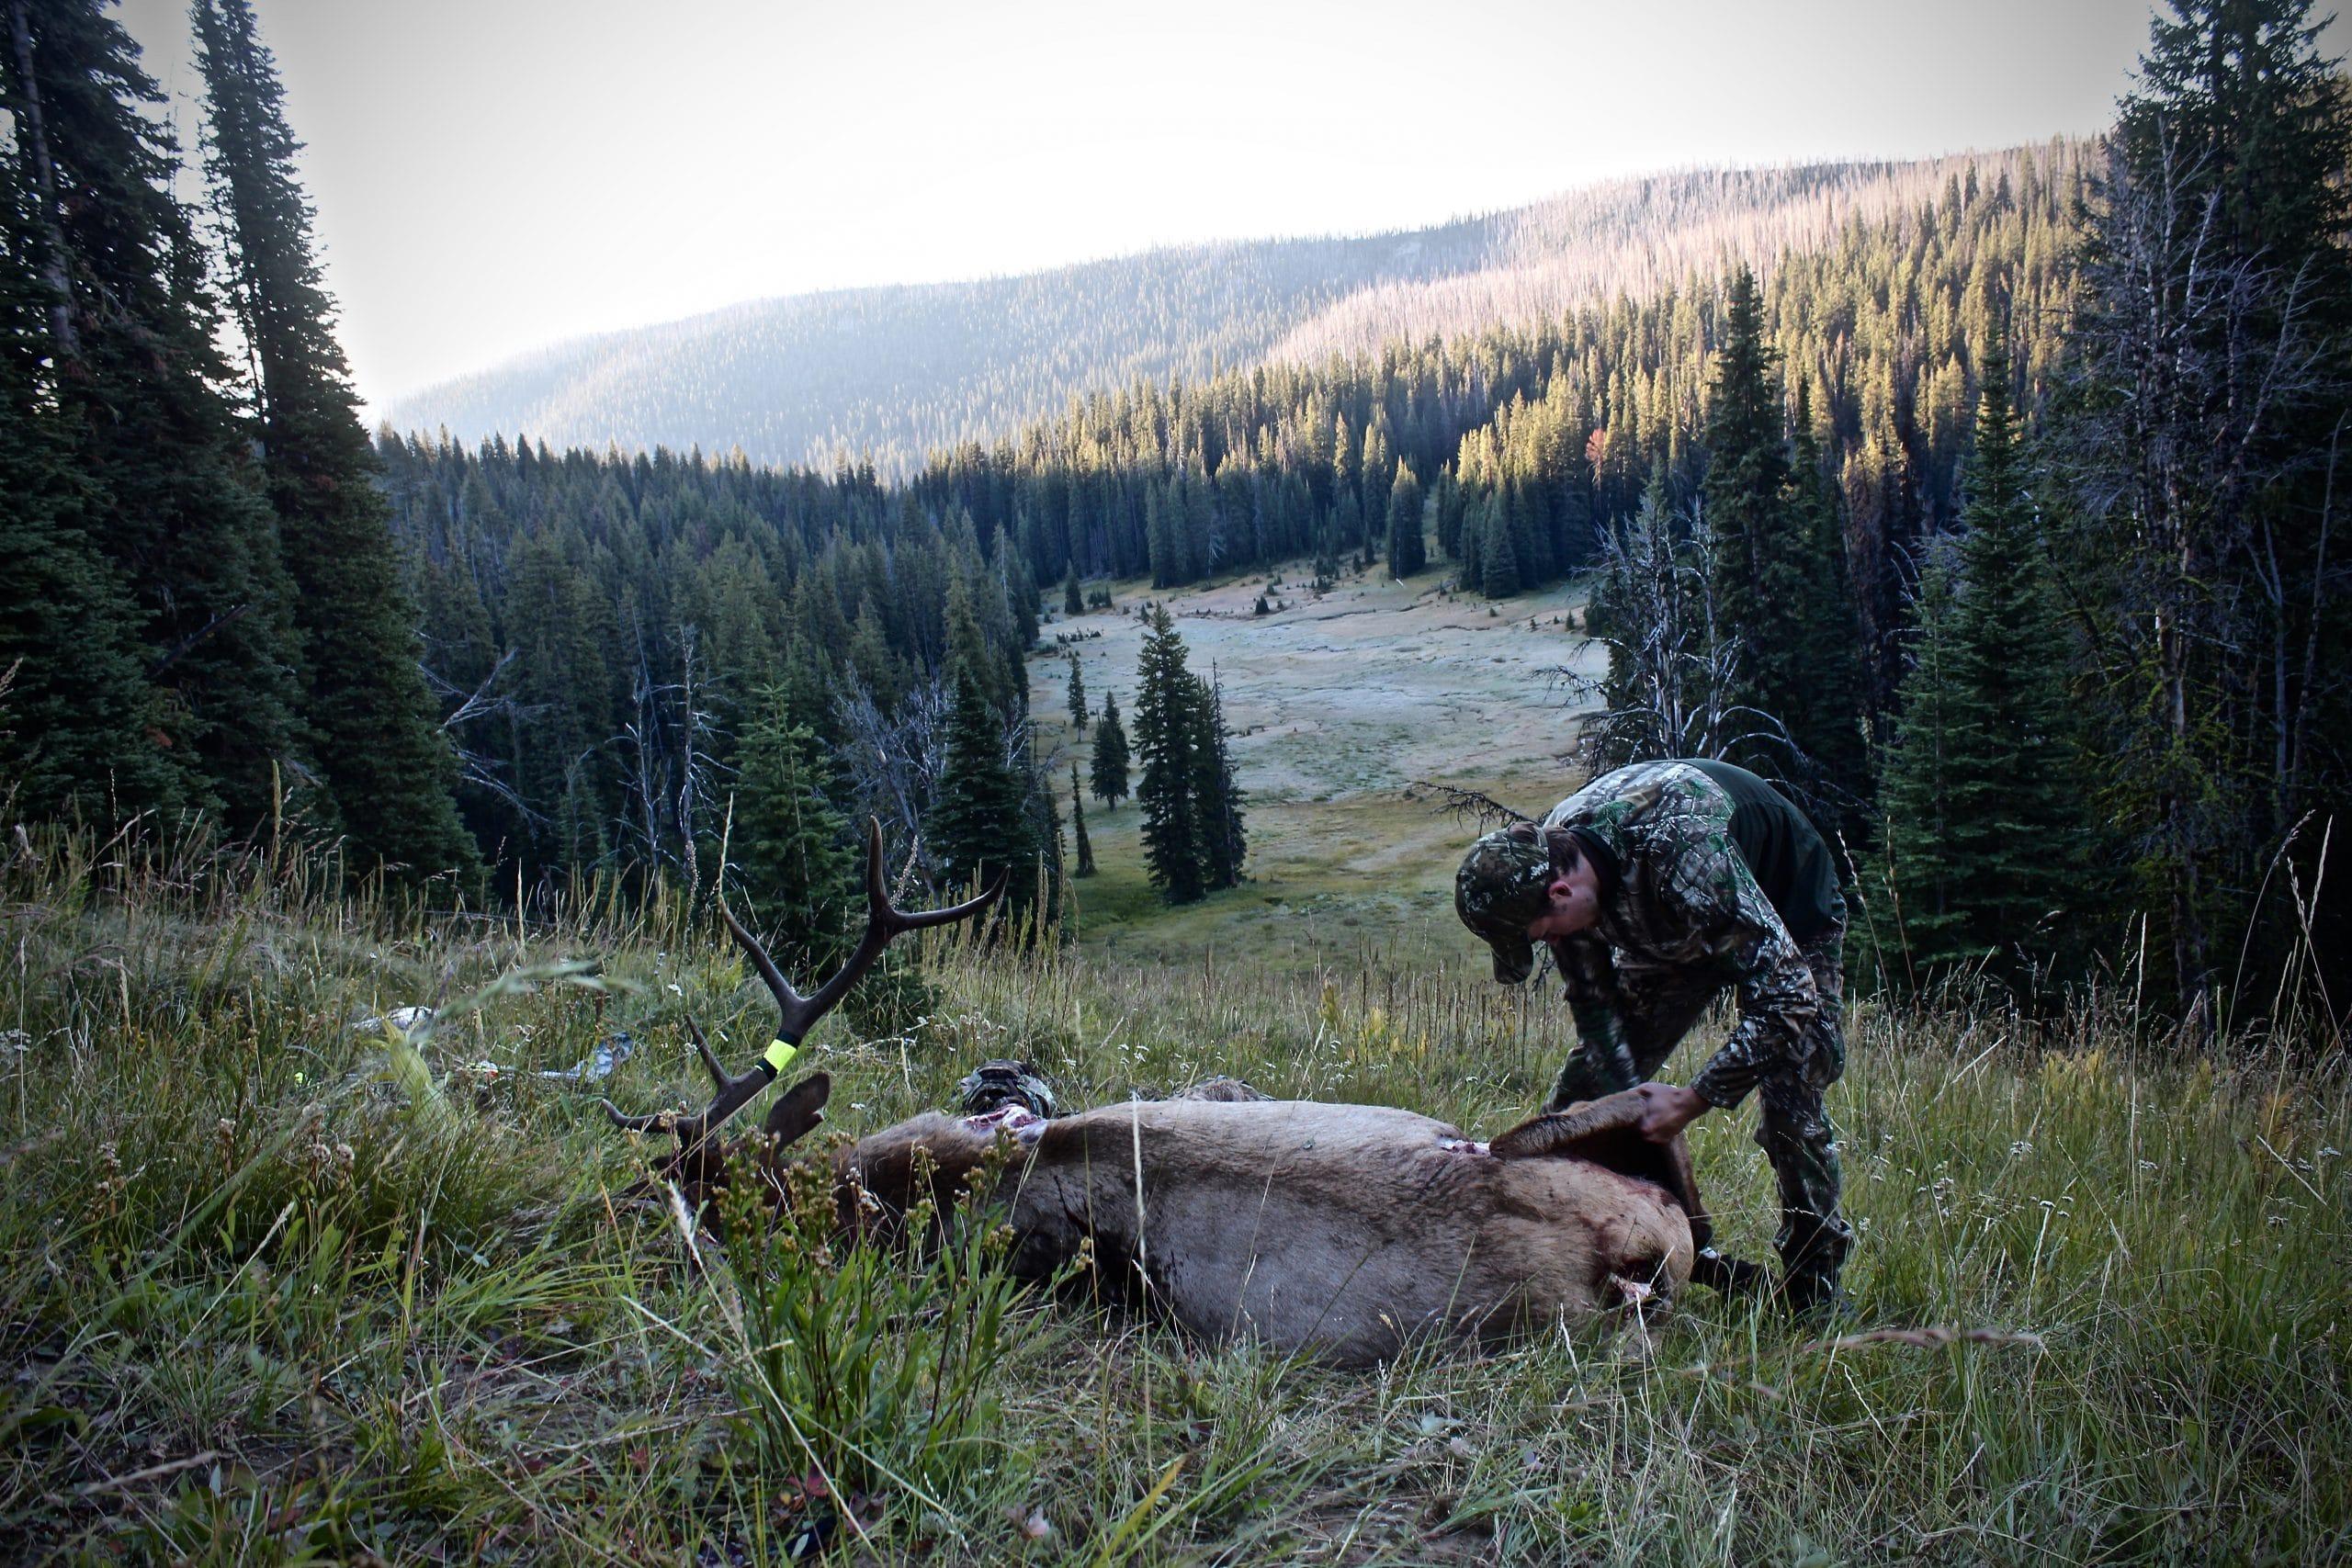 montana u2019s wildlife isn u2019t for sale